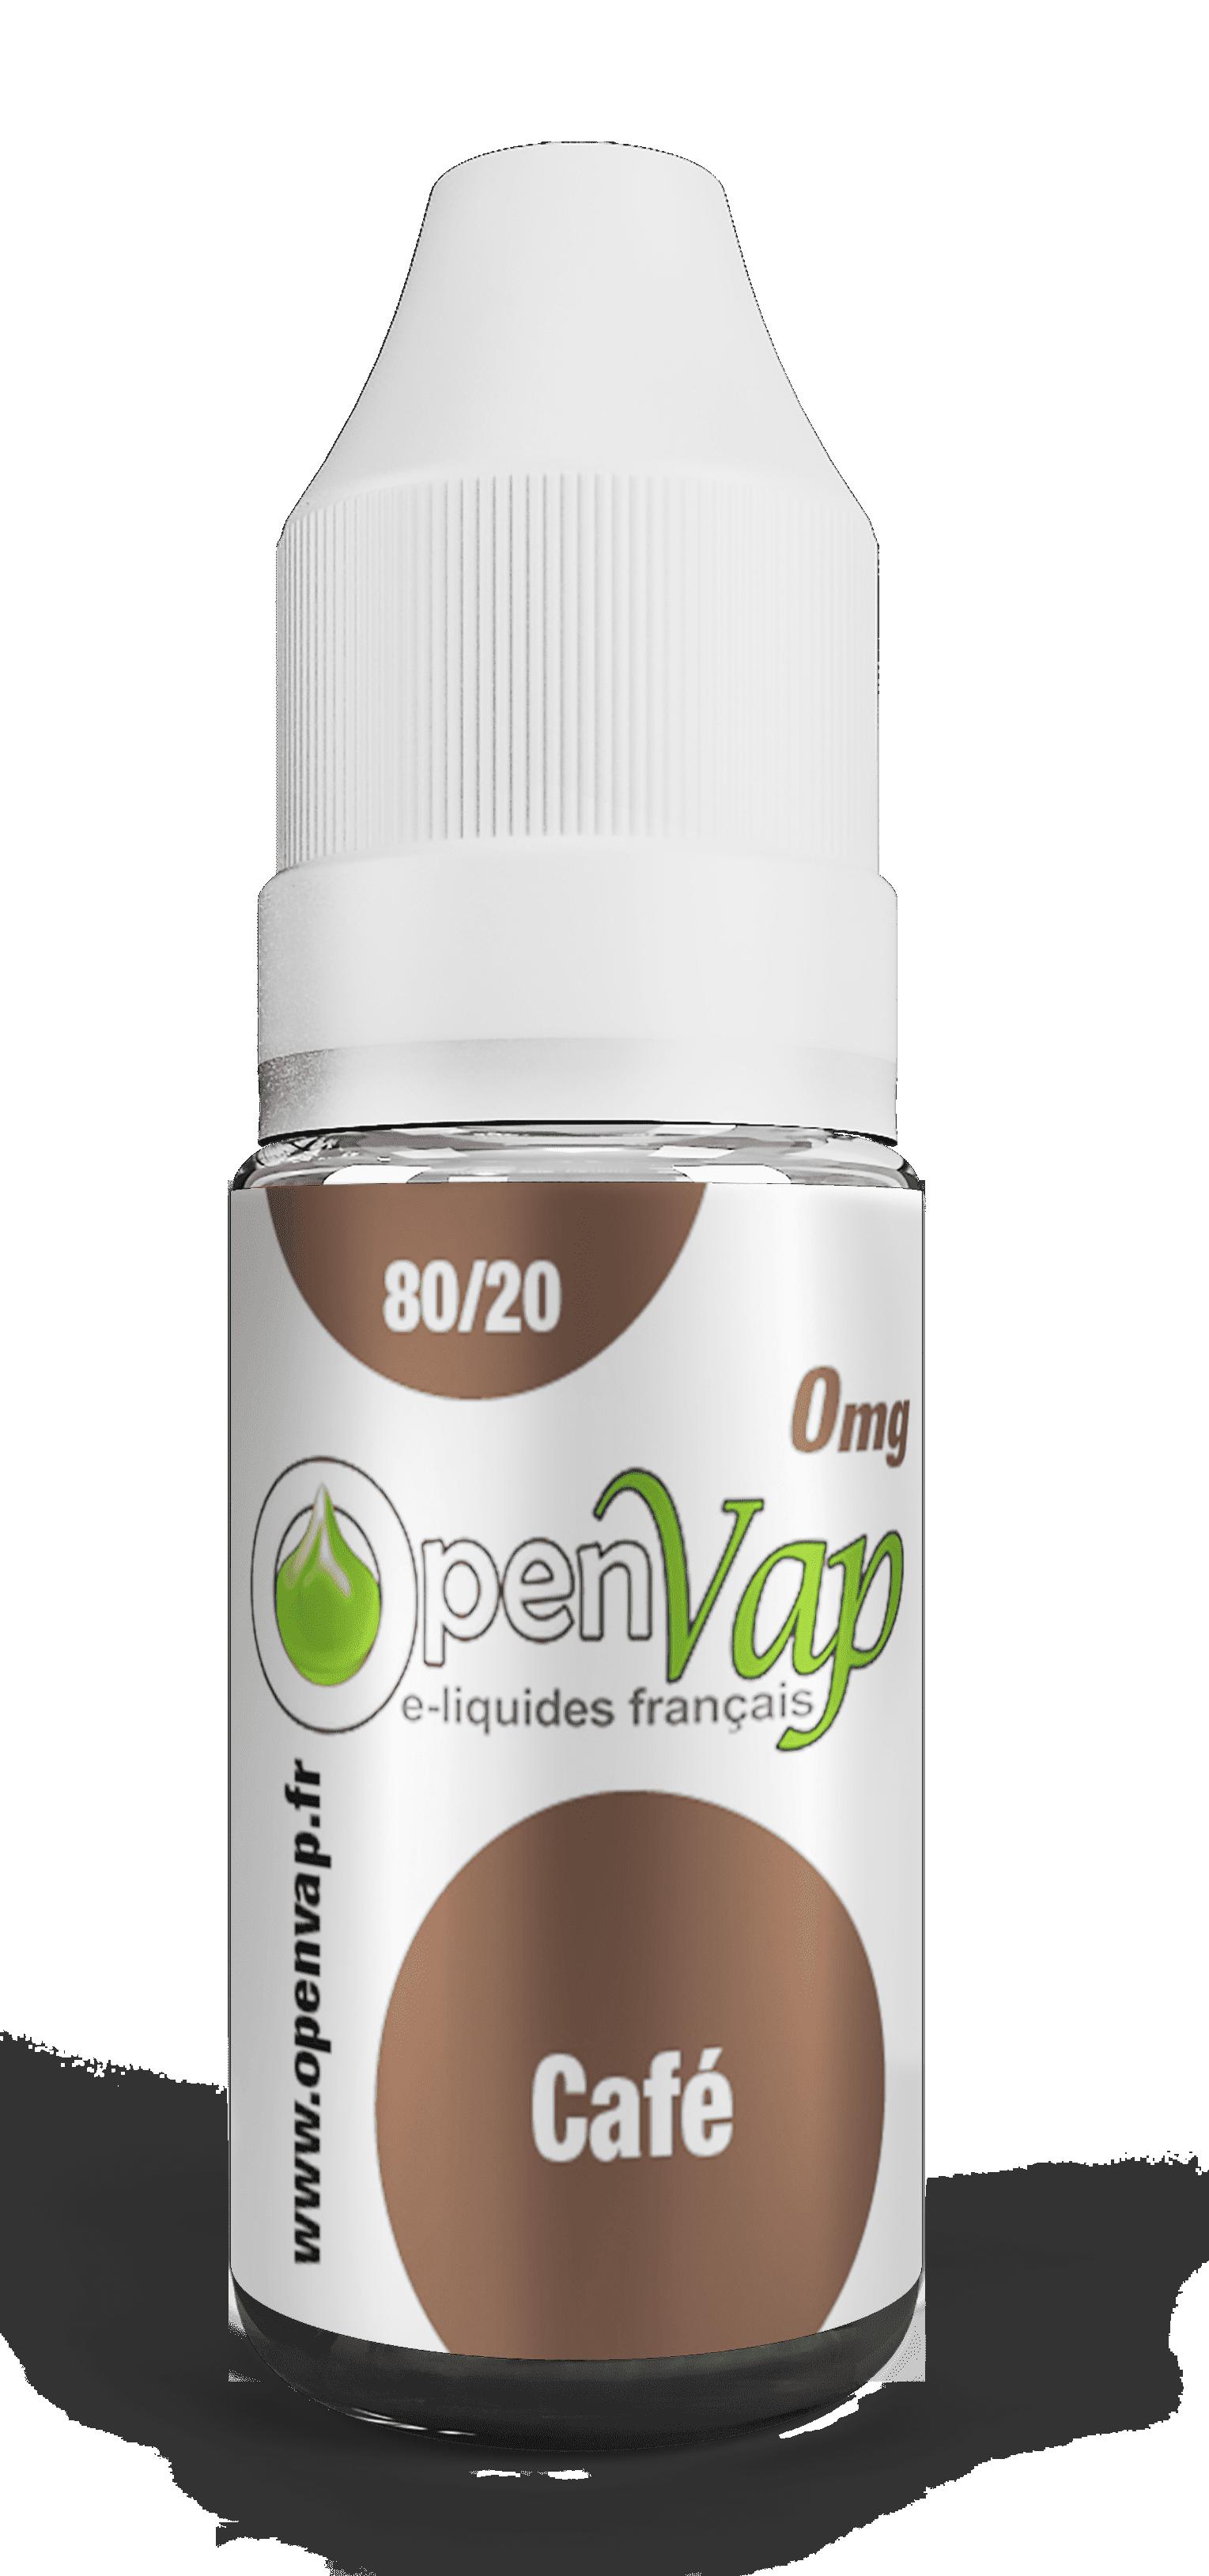 BLEND e-liquide pour cigarettes électroniques 10 ml